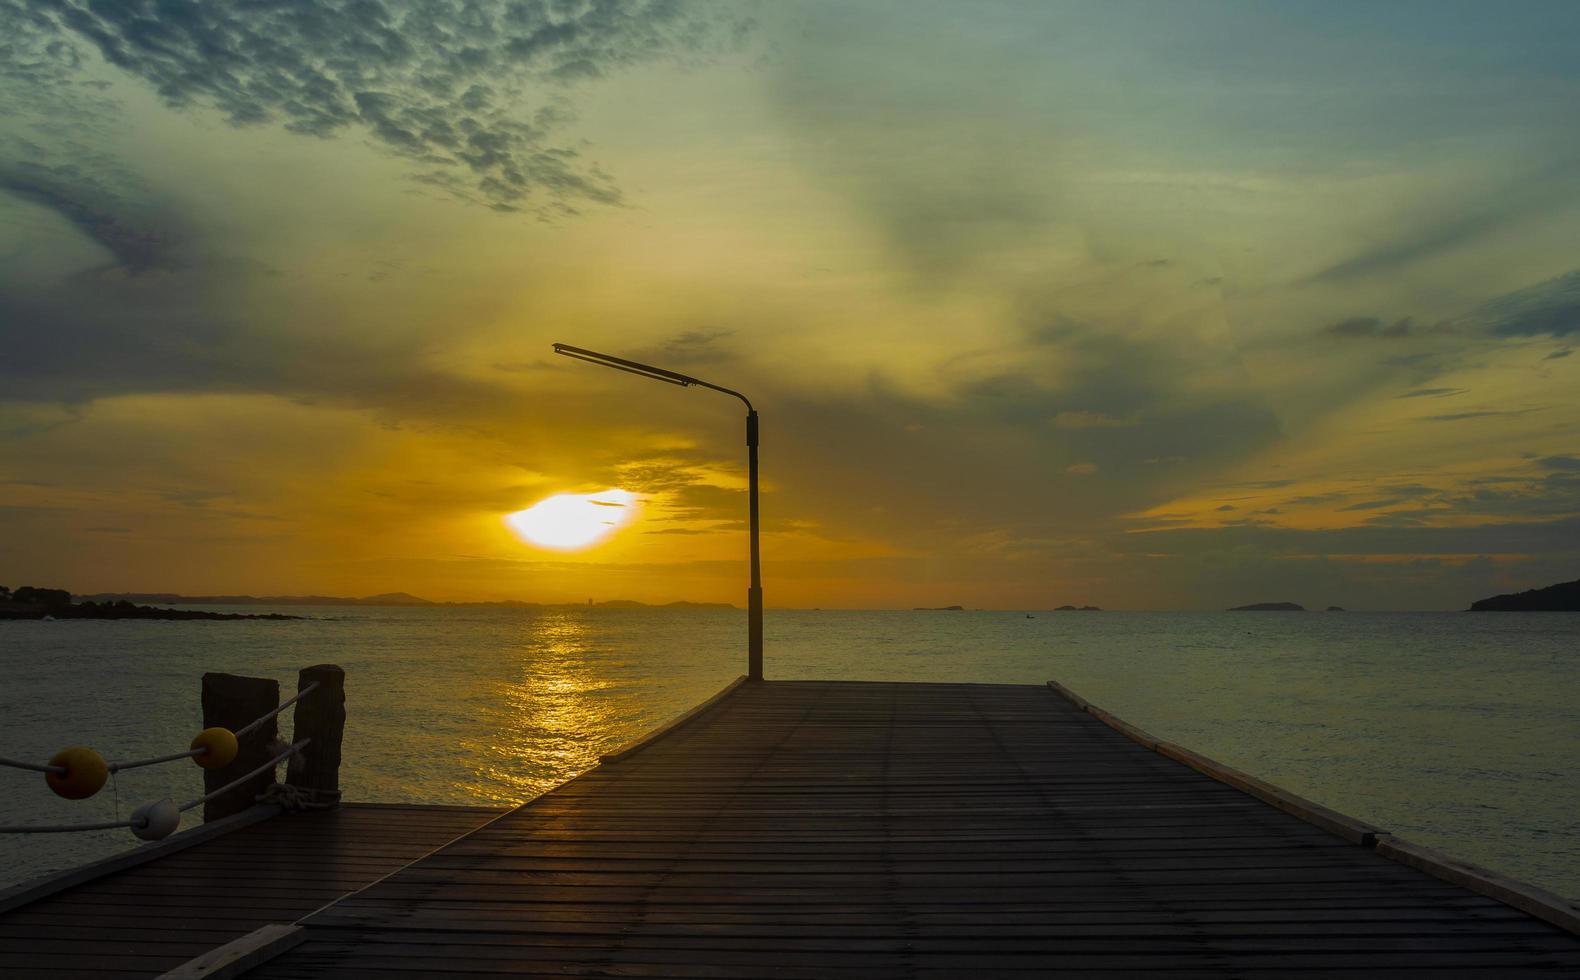 träbro för havets skönhet foto